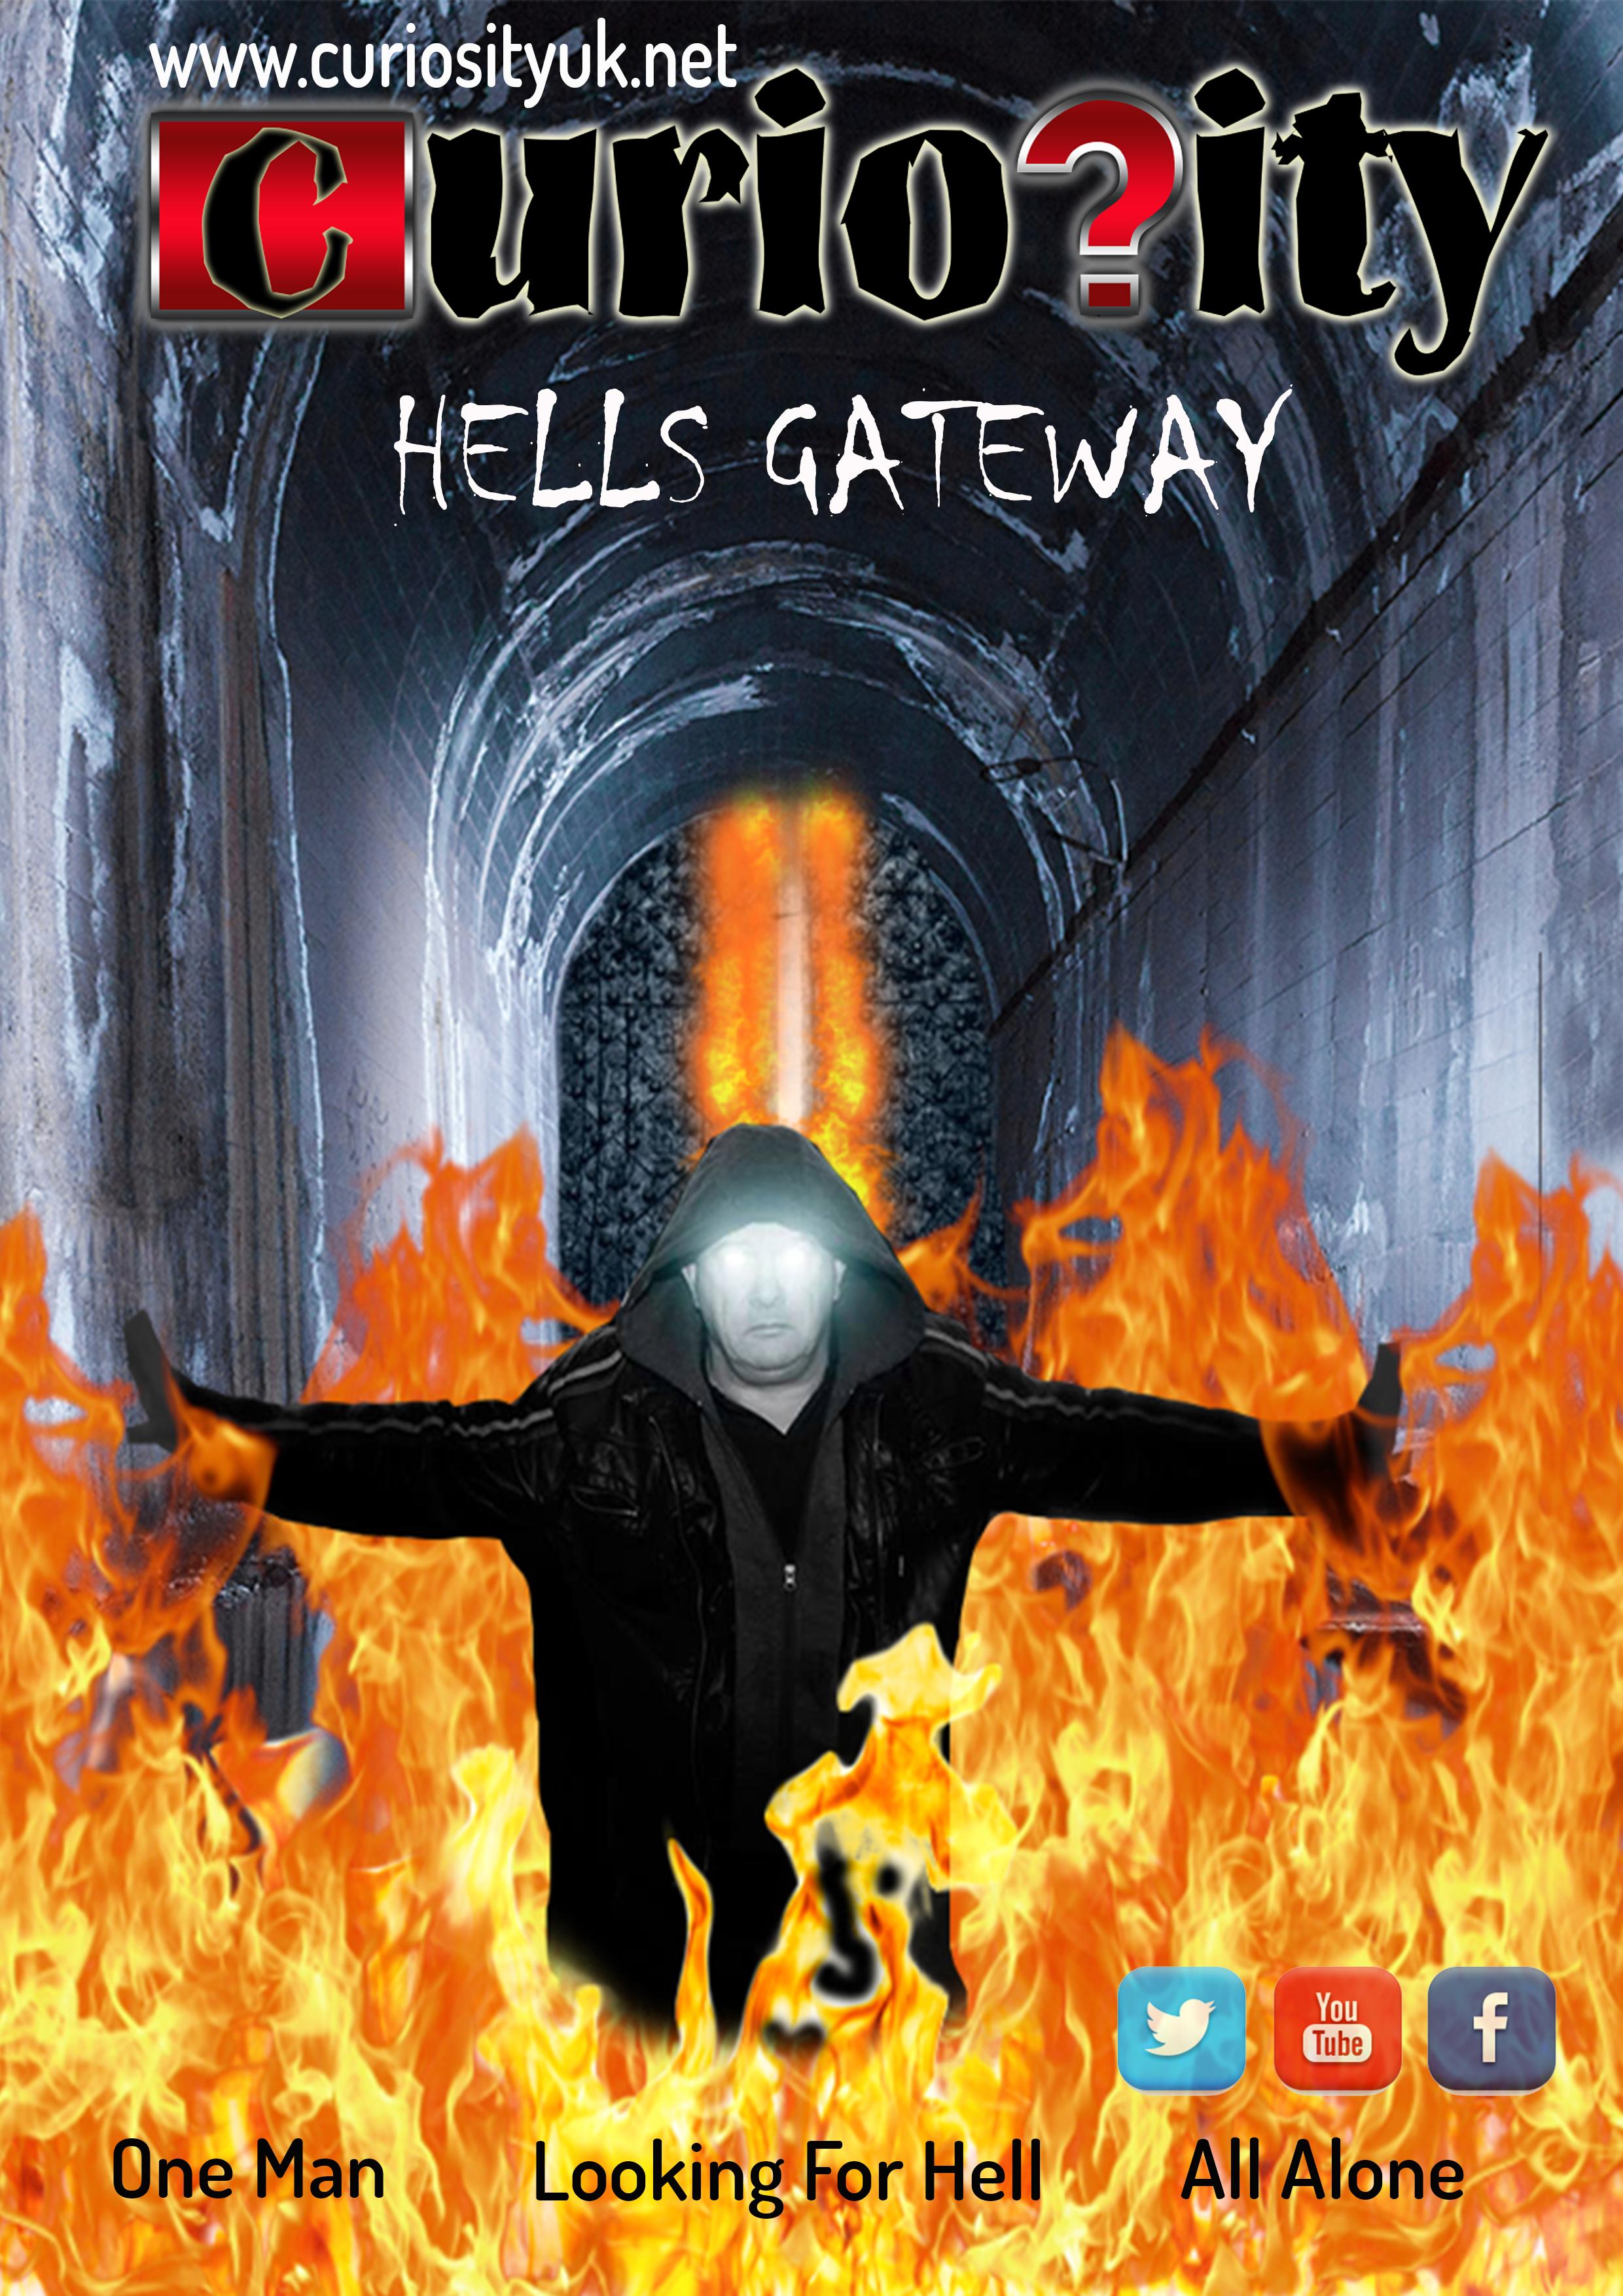 Curiosity - Hells Gateway